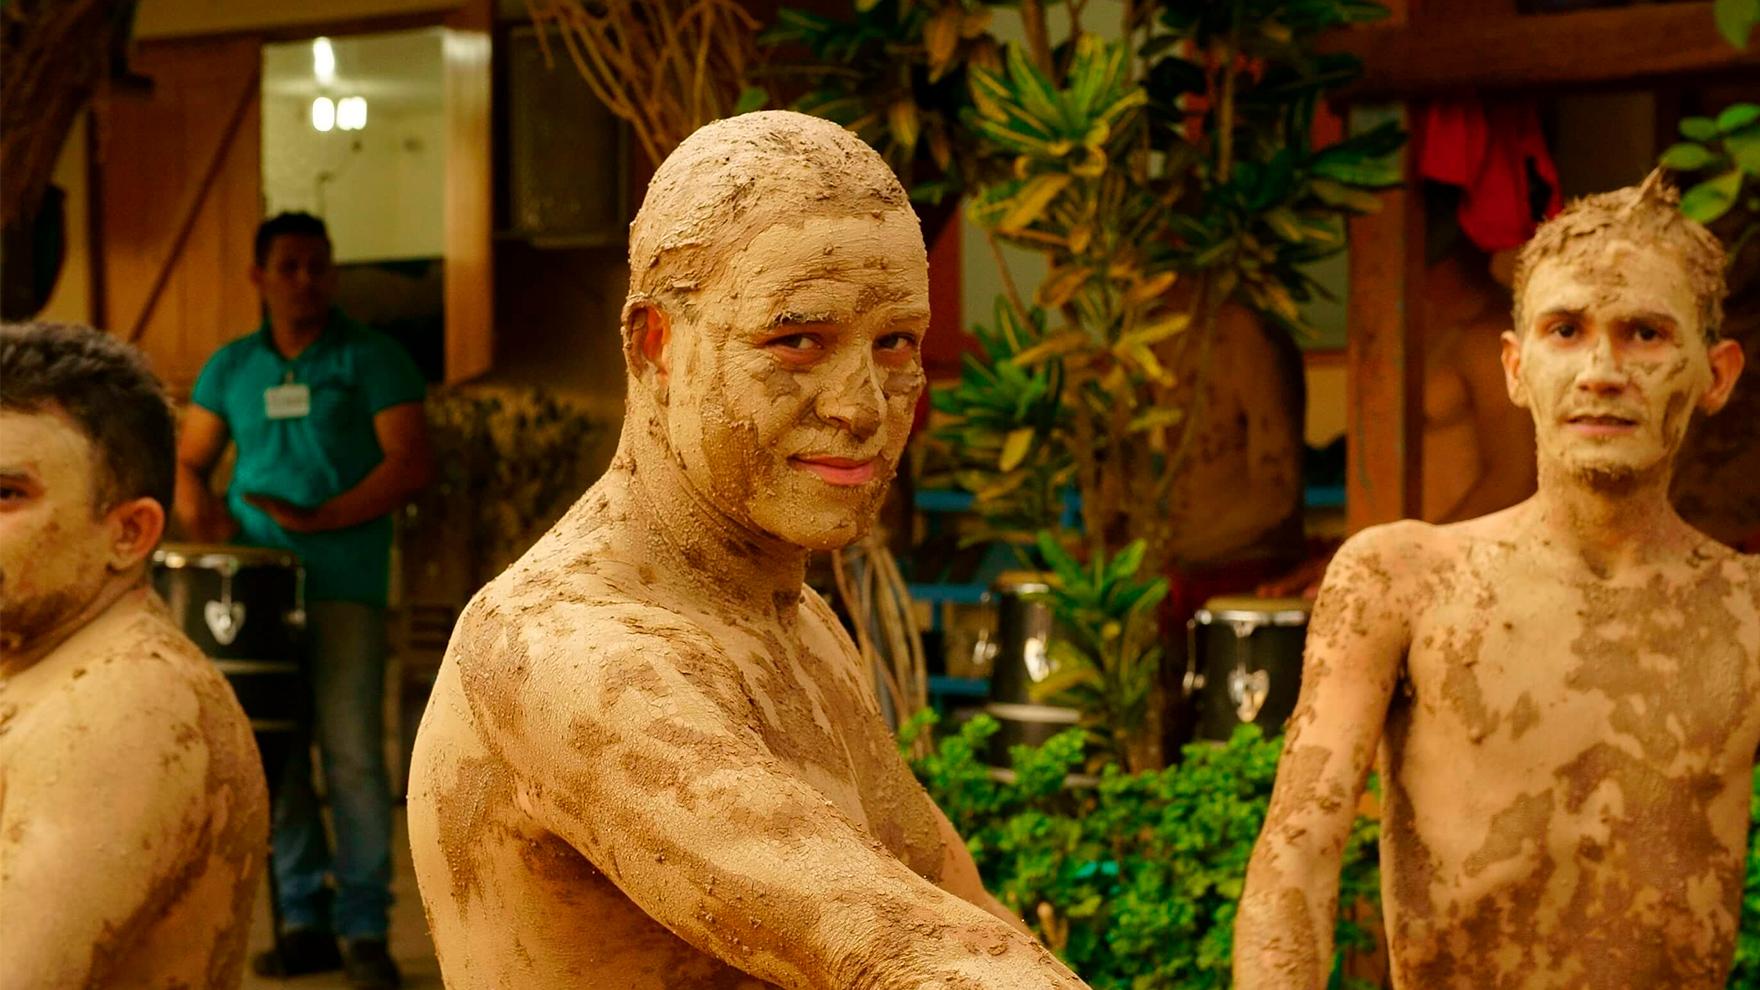 RR-mud-face-Brazil-Prison-Amazon-Ritual